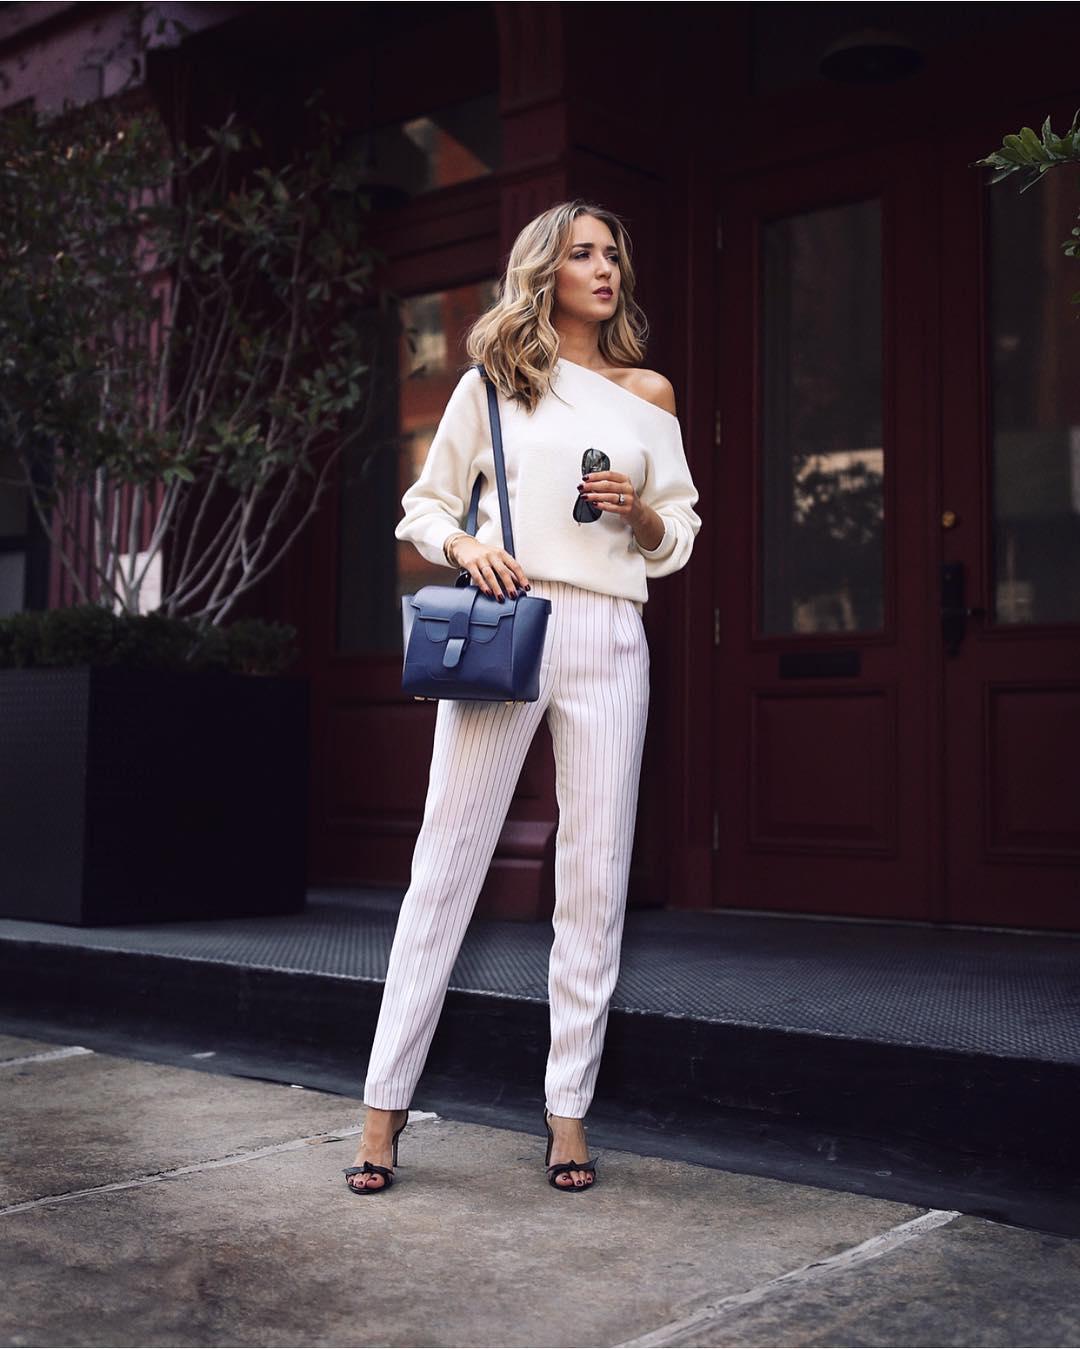 Золотые уроки стиля, которые преподали нам модные блогеры-320x180